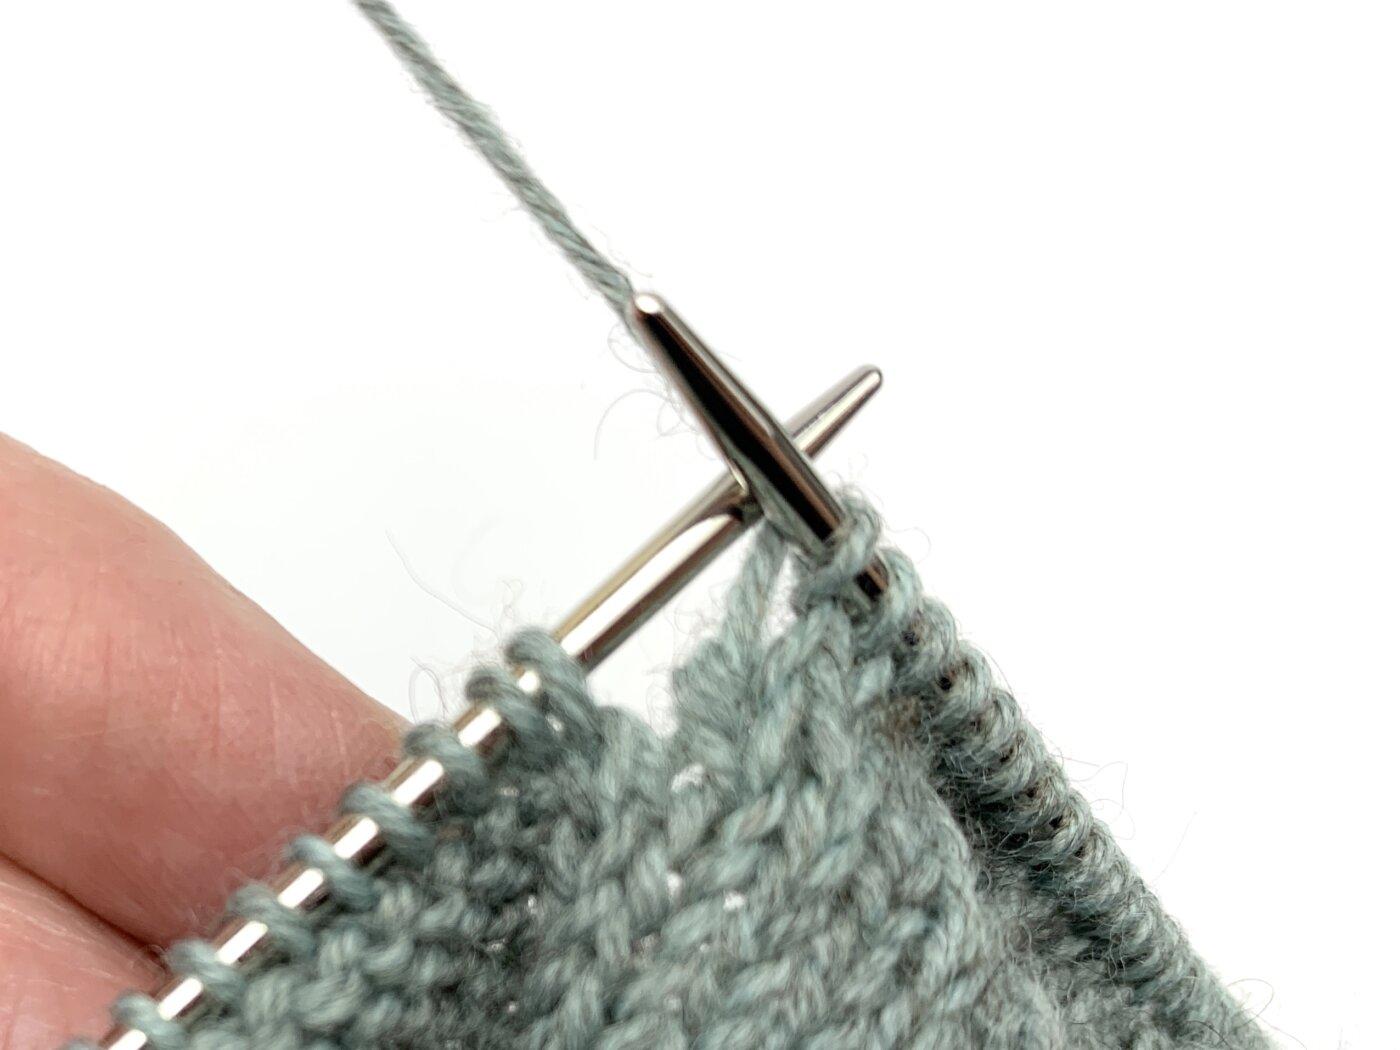 Toe Up Socken stricken - In der Hinreihe werden die Maschen bis eine Masche vor der Lücke rechts gestrickt. Die folgende Masche wird abgehoben, die nächste Masche wird rechts gestrickt, die abgehobene Masche über die soeben gestrickte gezogen.